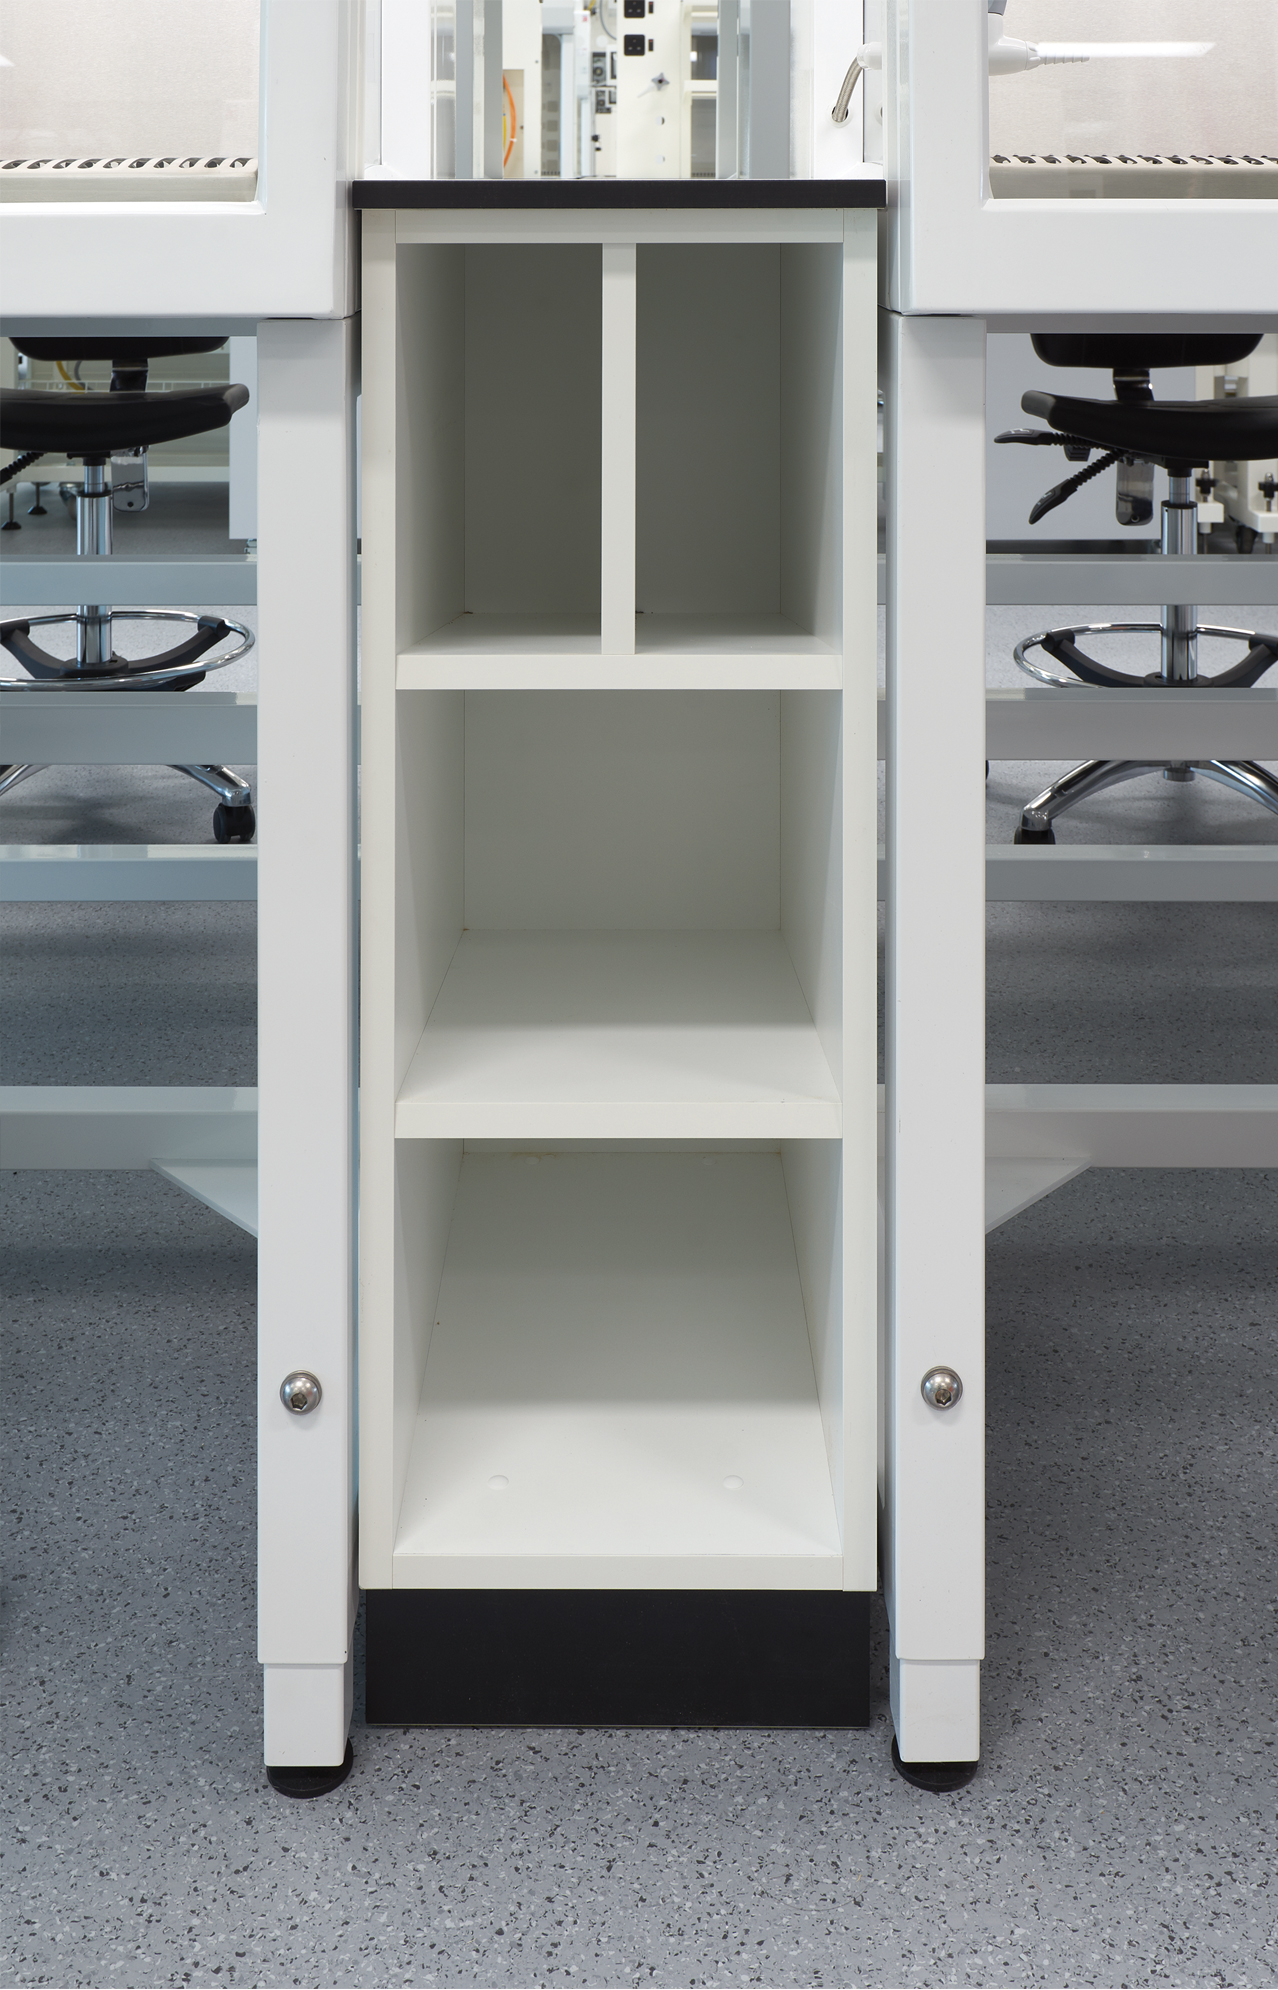 MSC - Storage unit.